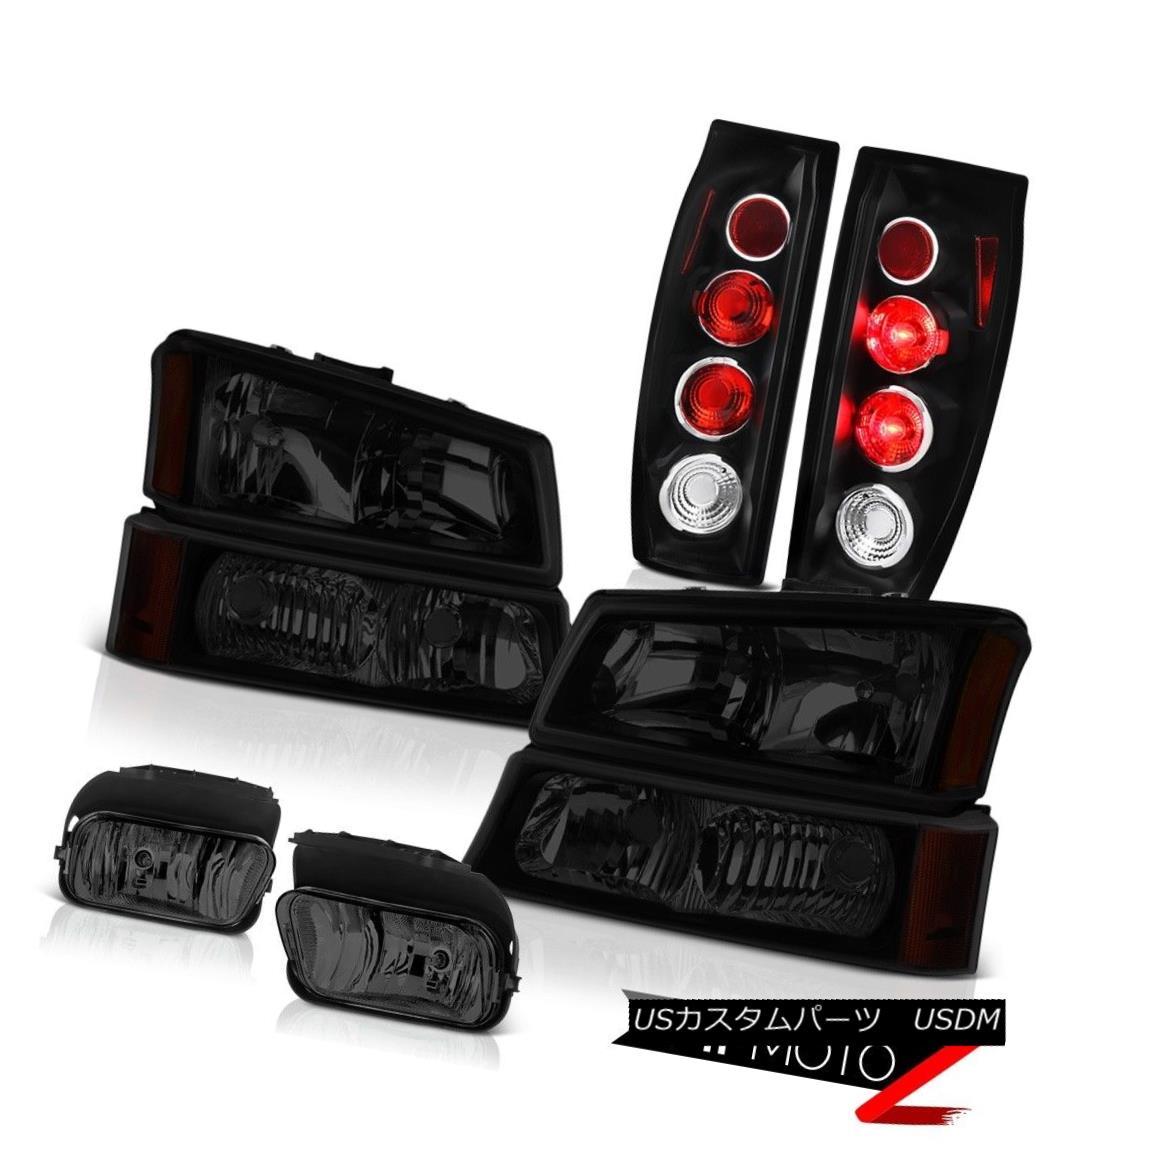 テールライト 2003-2006 Chevy Avalanche Fog Lights Inky Black Tail Sinister Headlamps Euro 2003年?2006年シボレーアバランシェフォグライトインキブラックテールシニスターヘッドランプ